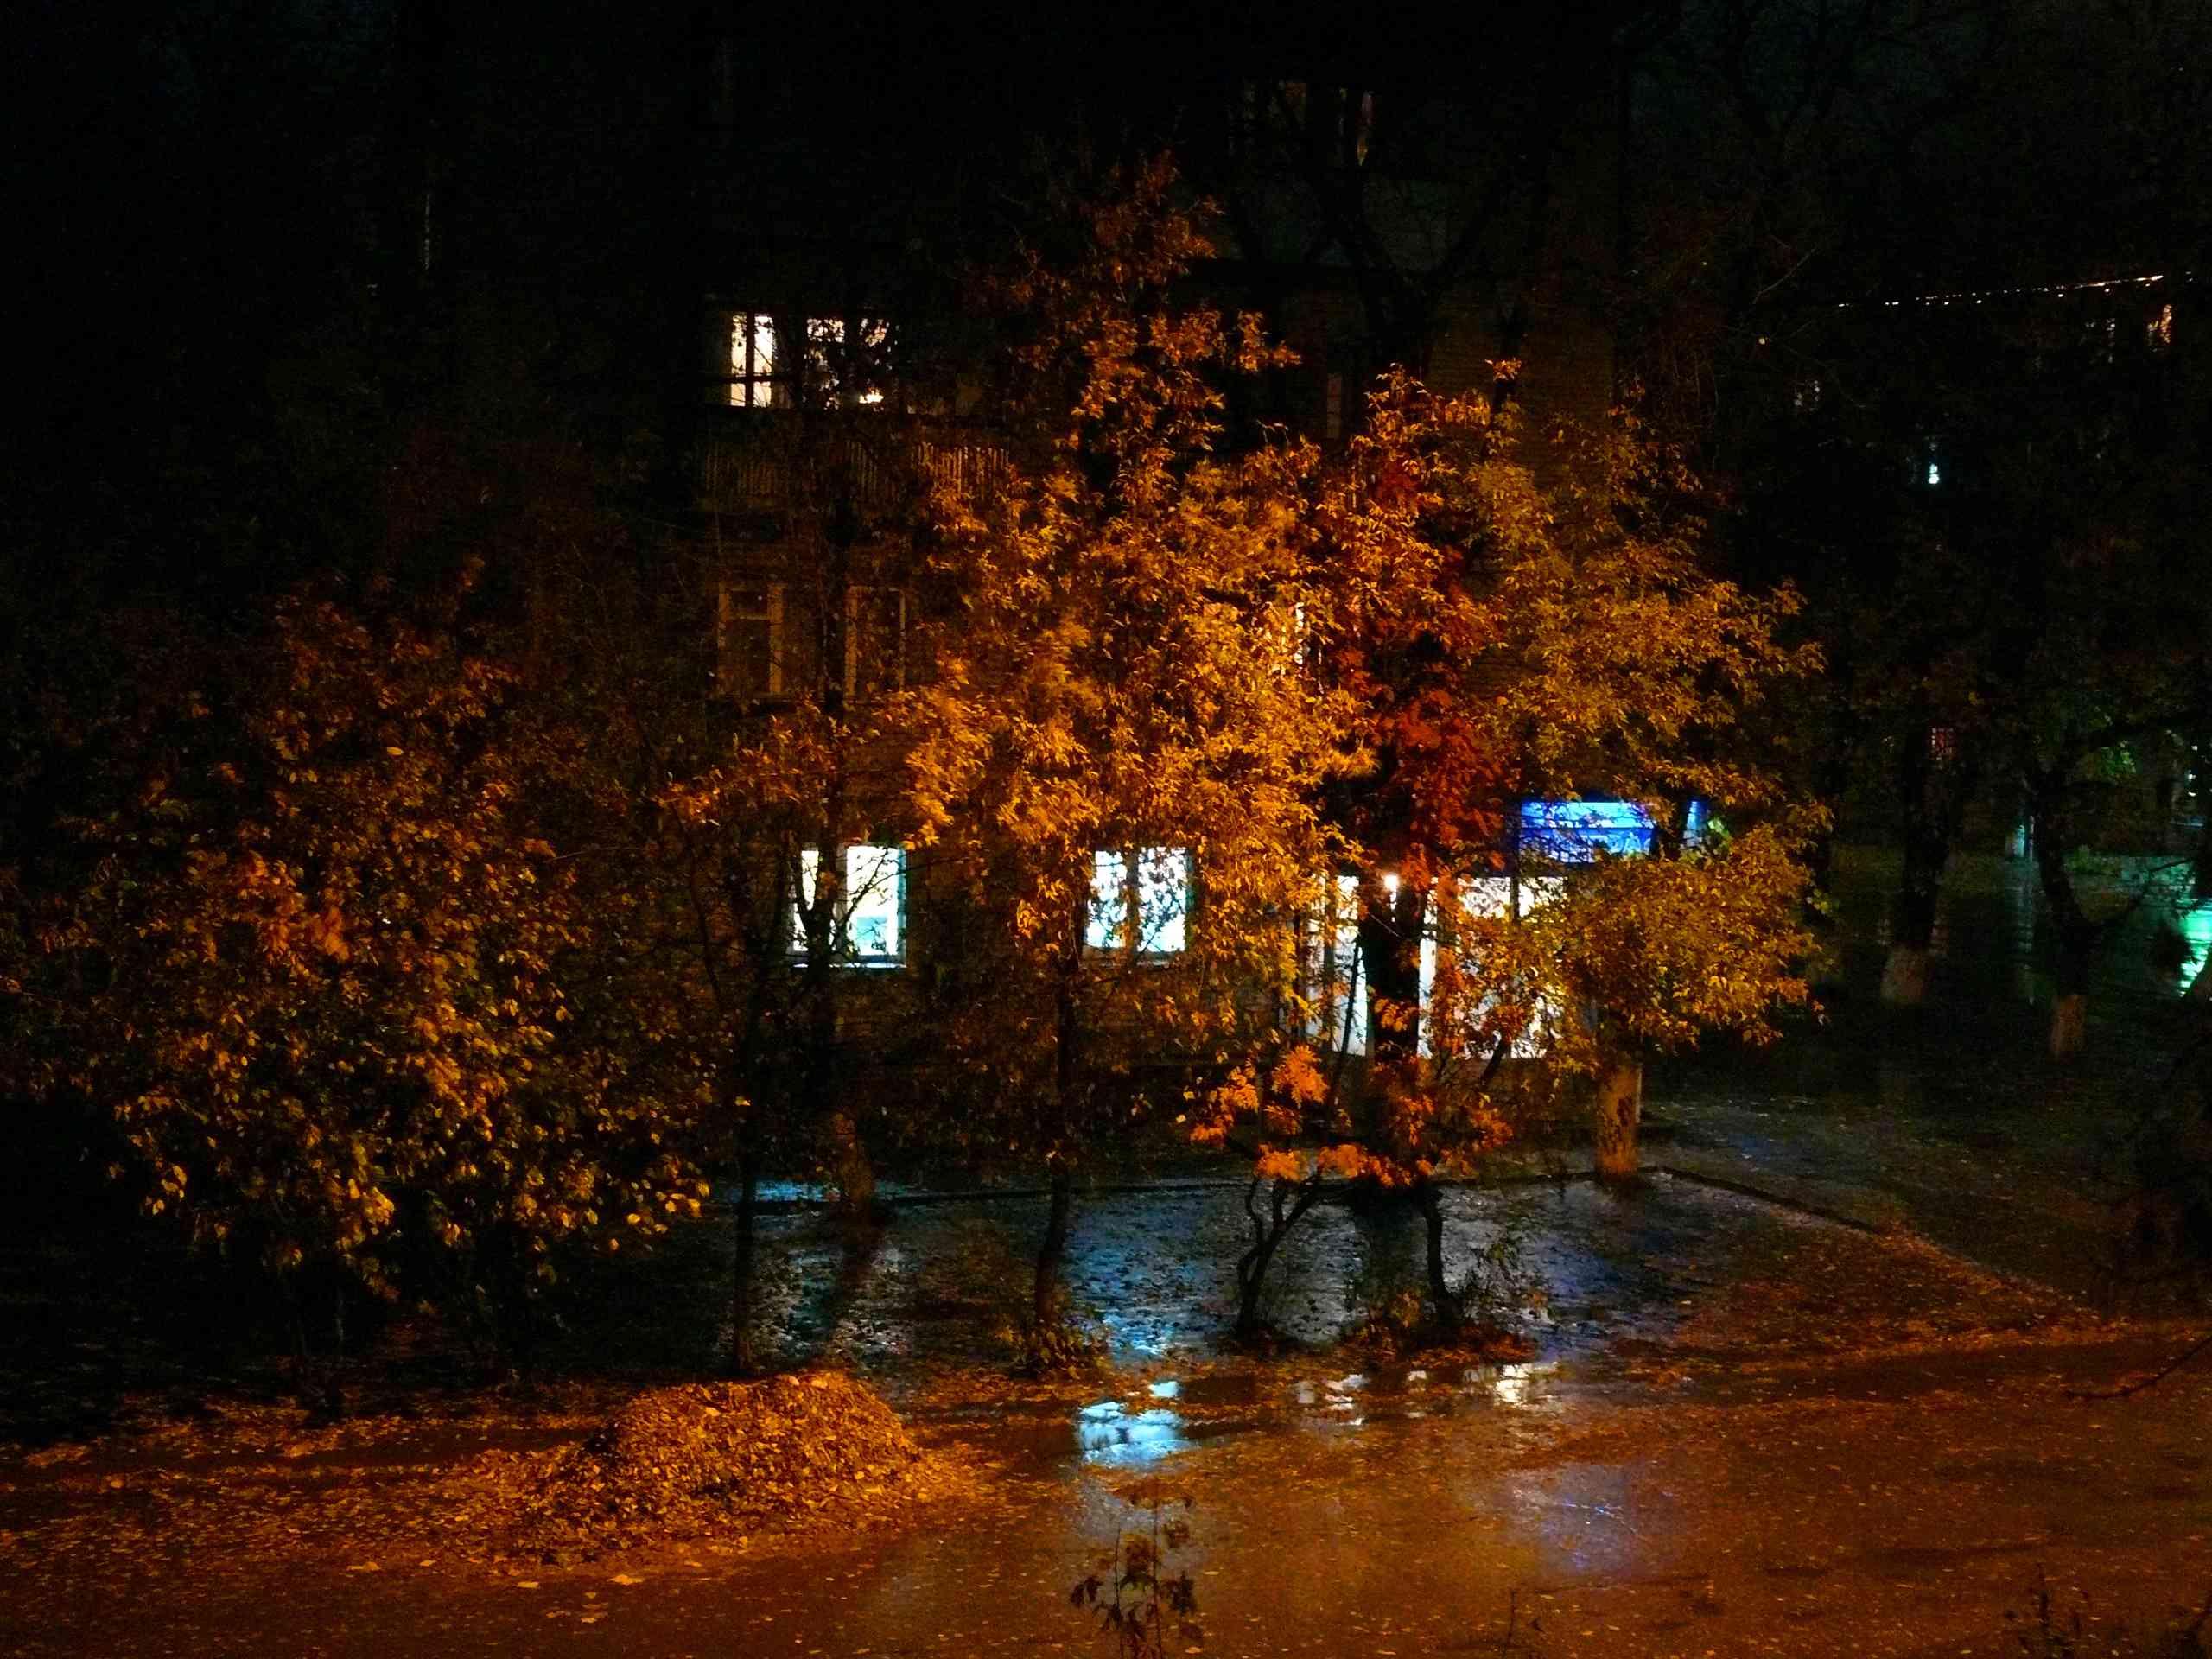 Улица фонарь аптека 26 фотография